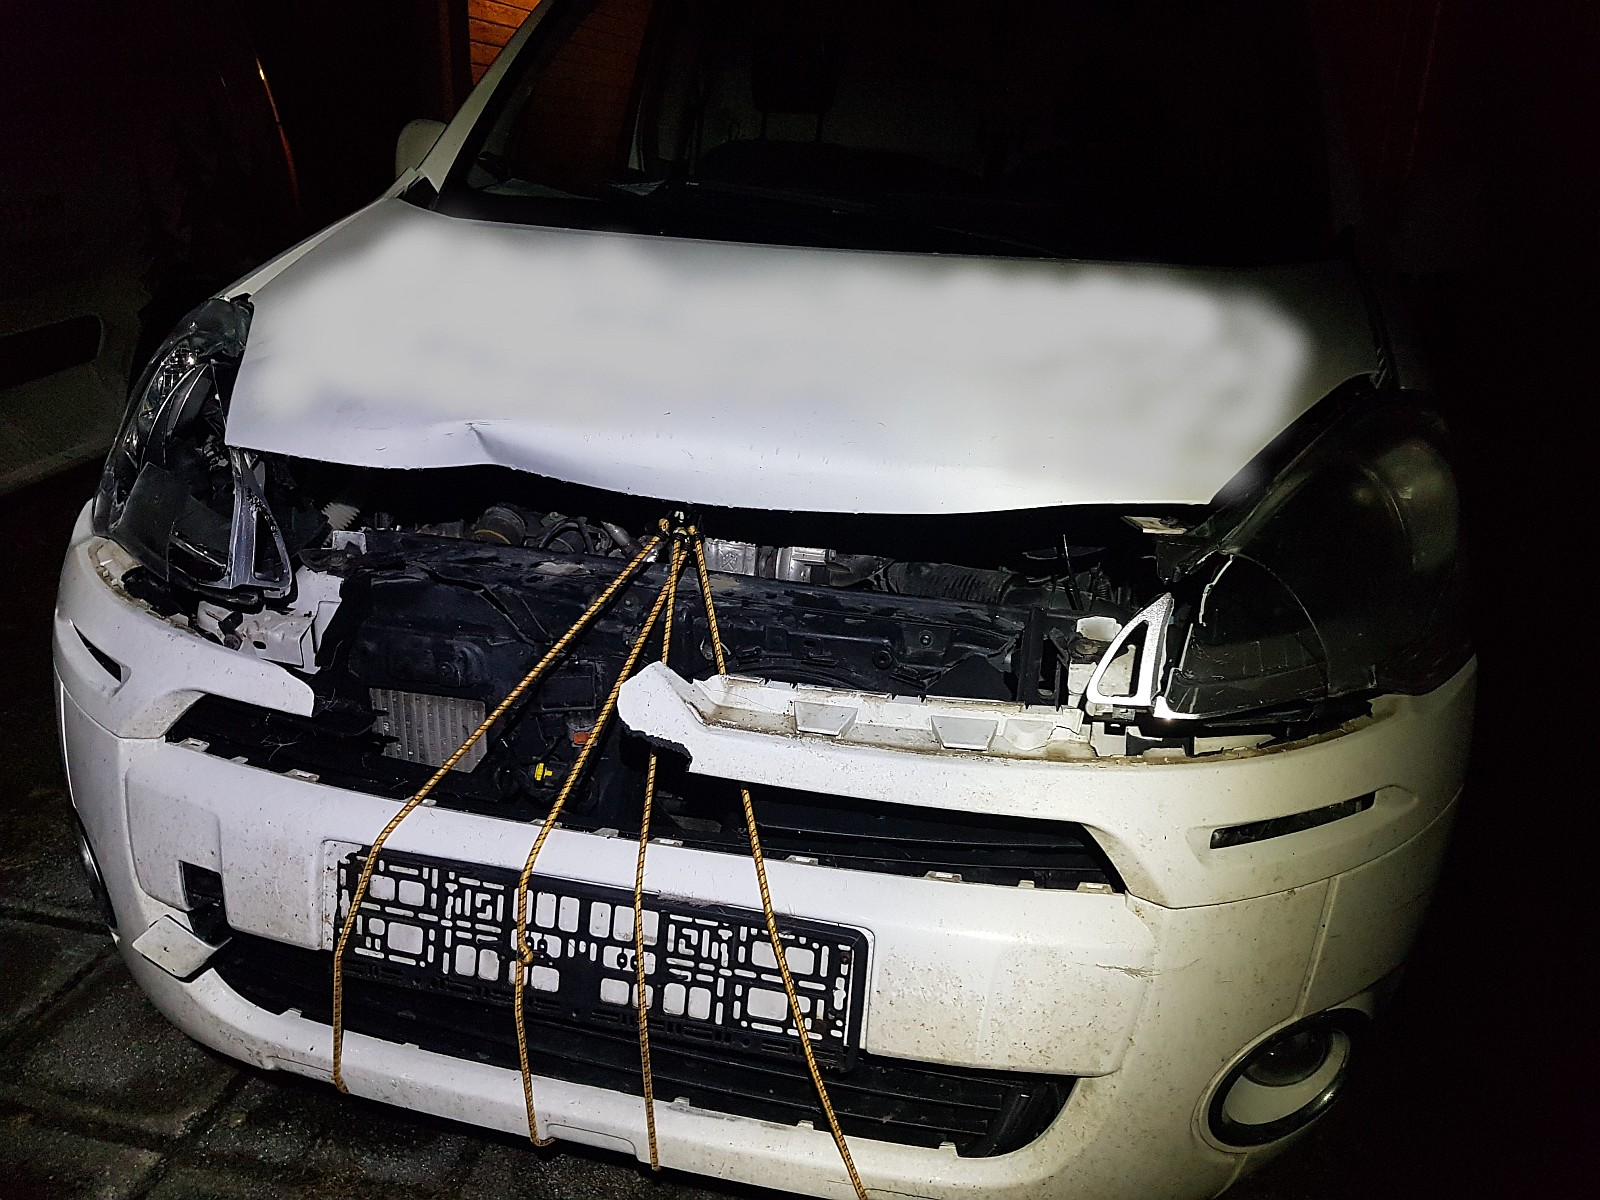 Fotol: õnnetusse sattunud sõiduk. Allikas: PZU